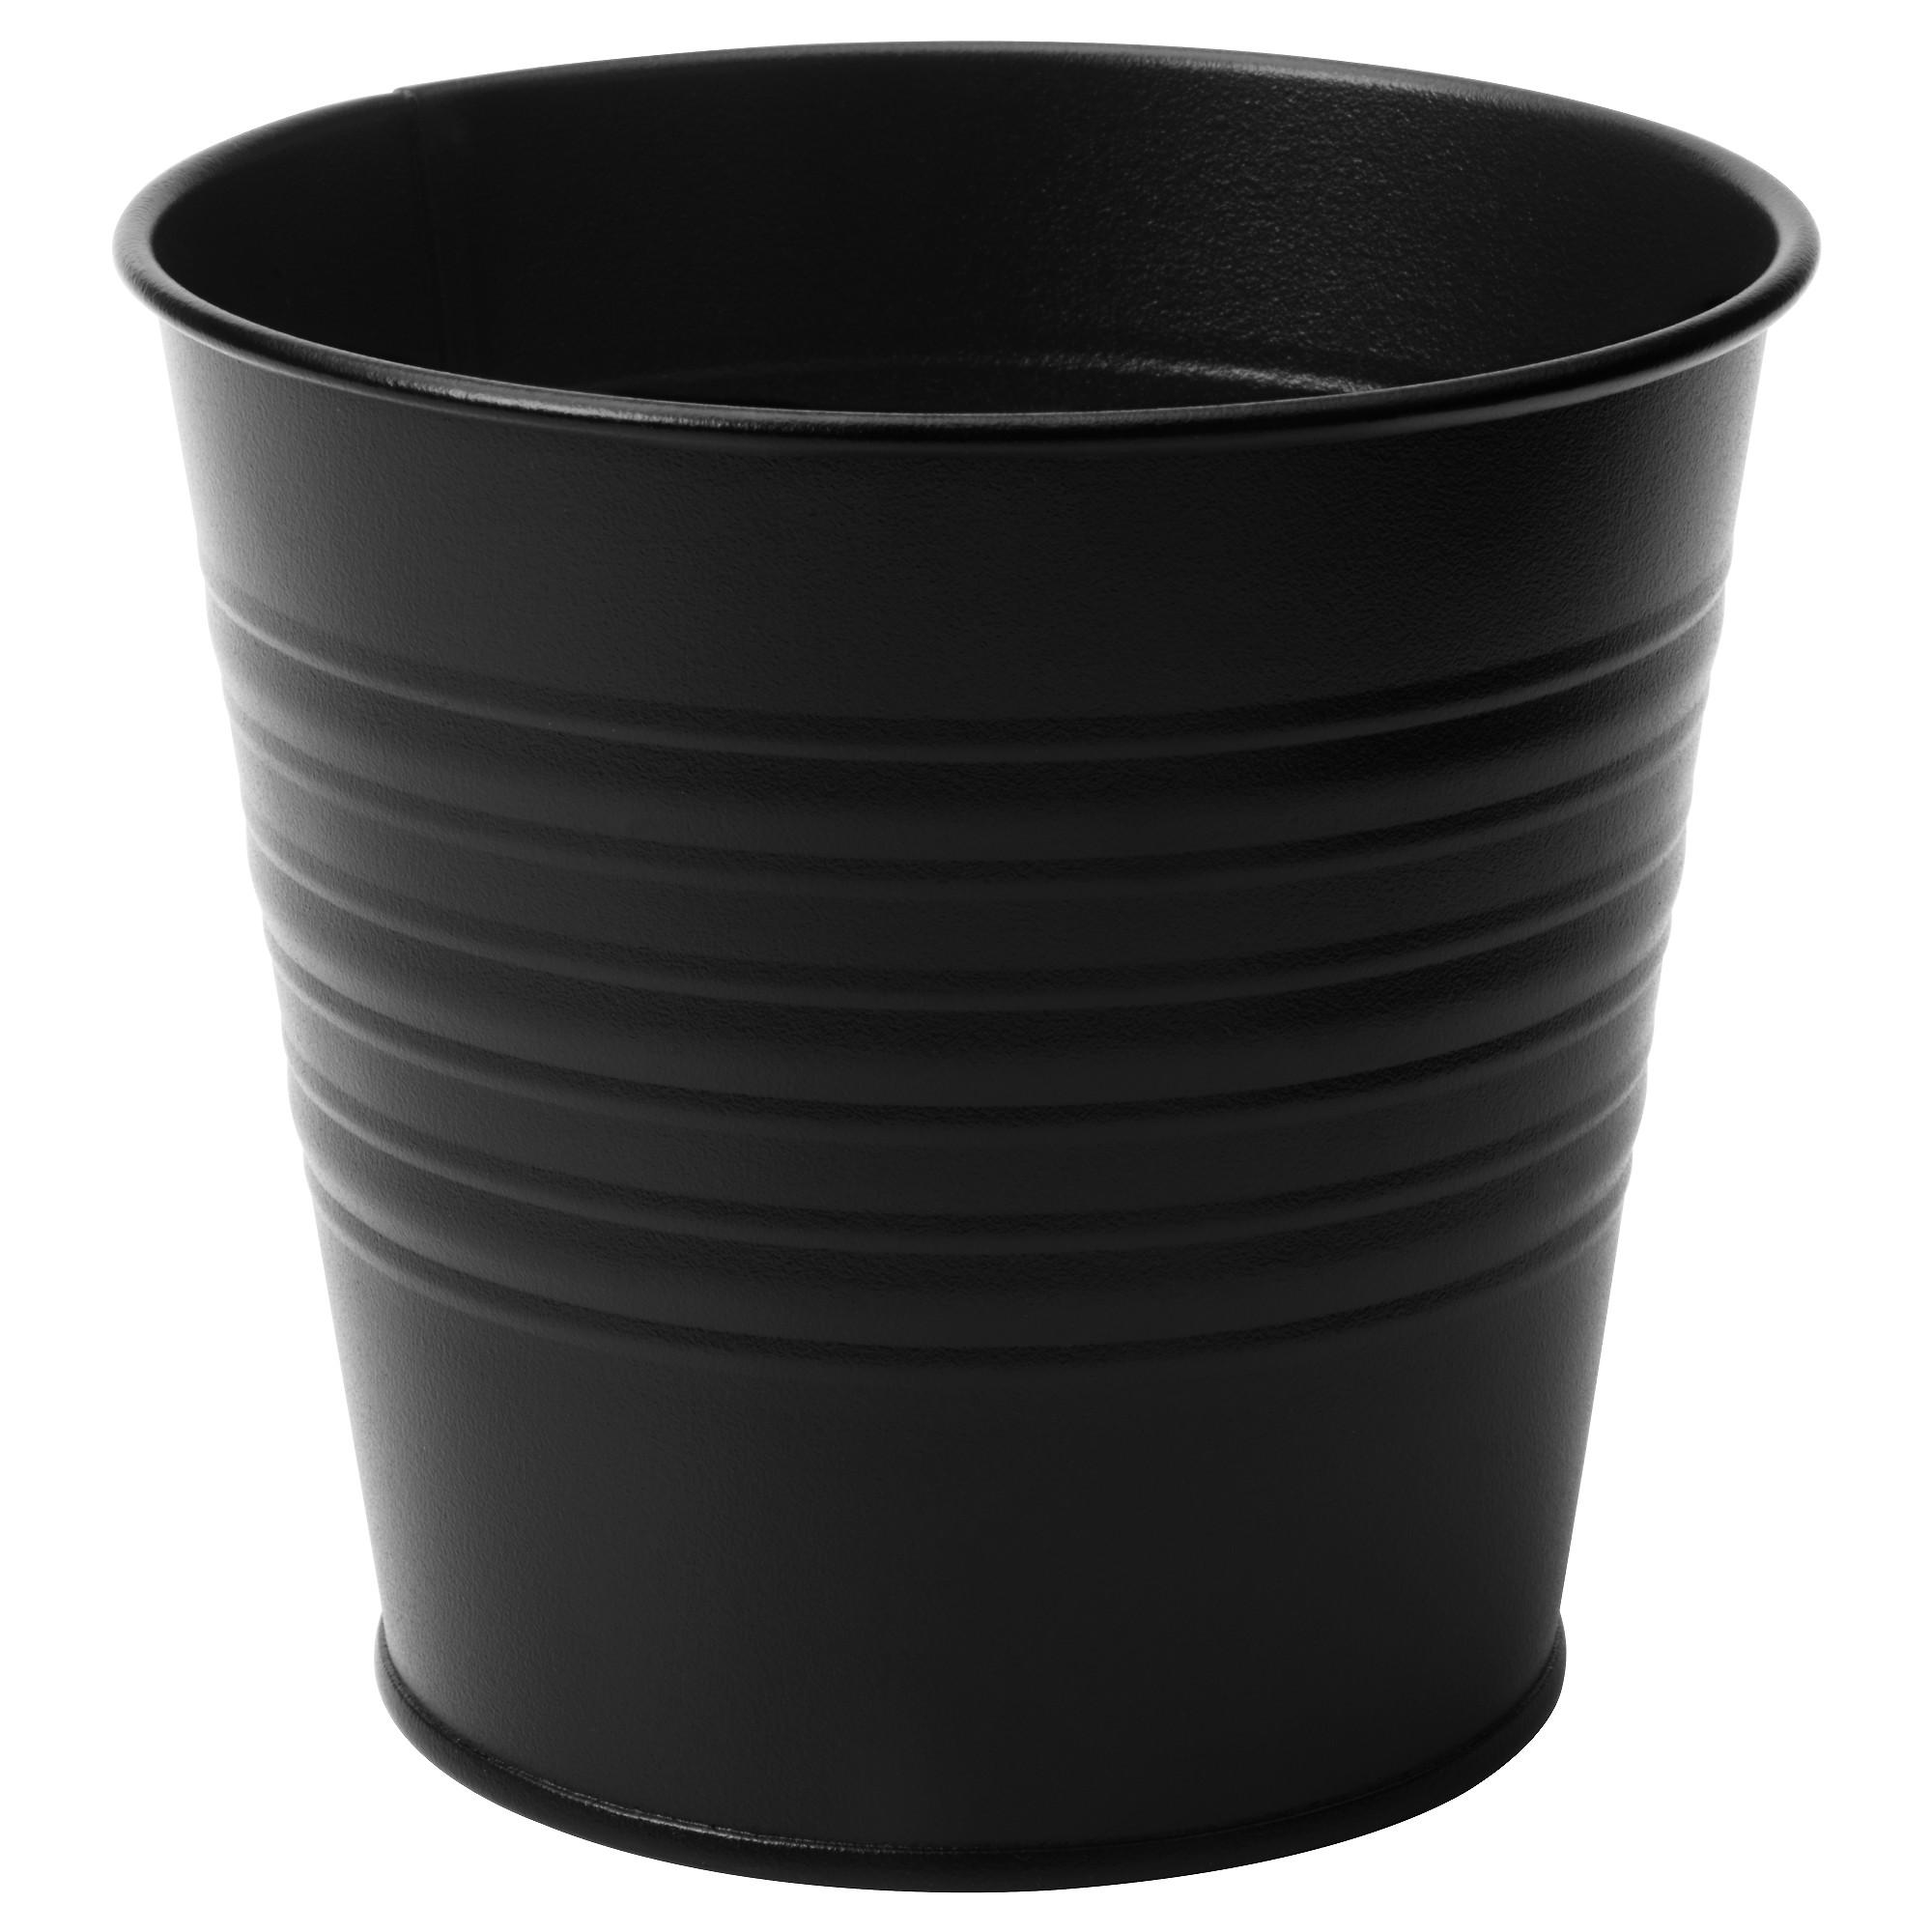 Кашпо СОККЕР черный артикуль № 203.947.65 в наличии. Online сайт IKEA Минск. Быстрая доставка и установка.